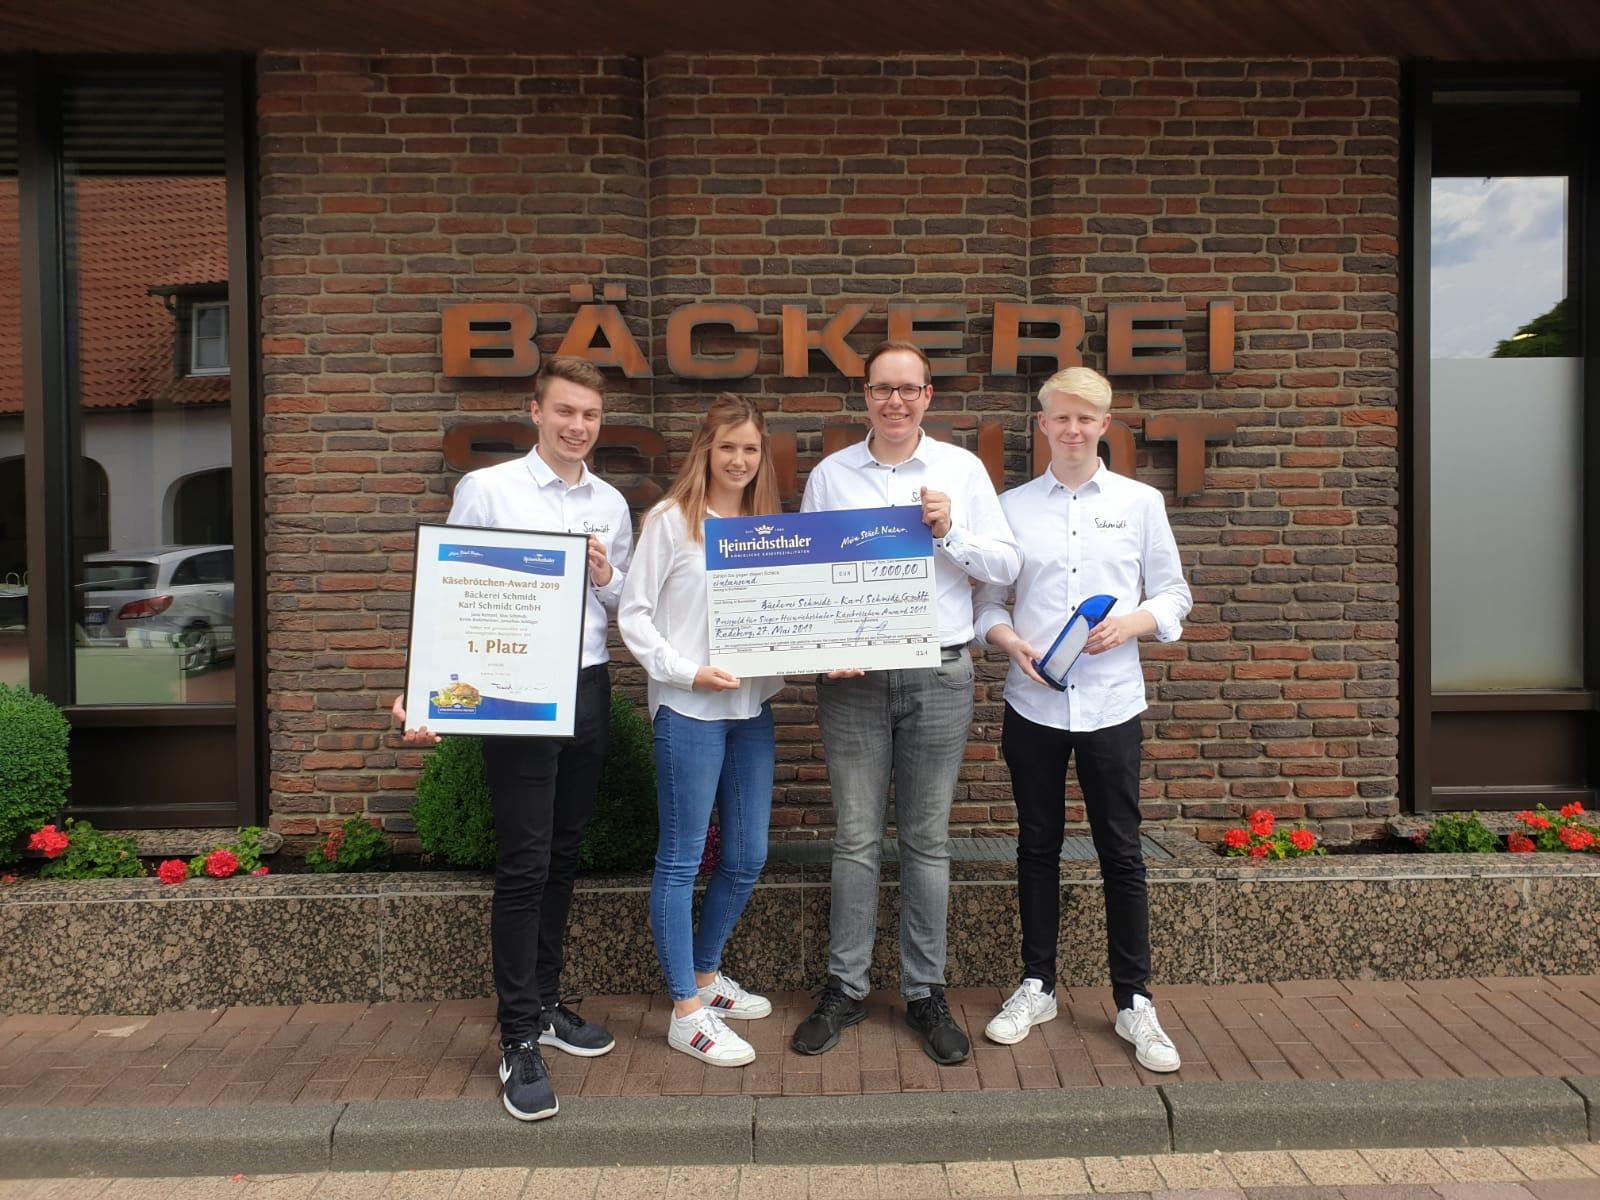 Bäckerei Schmidt gewinnt Käsebrötchen-Award 2019